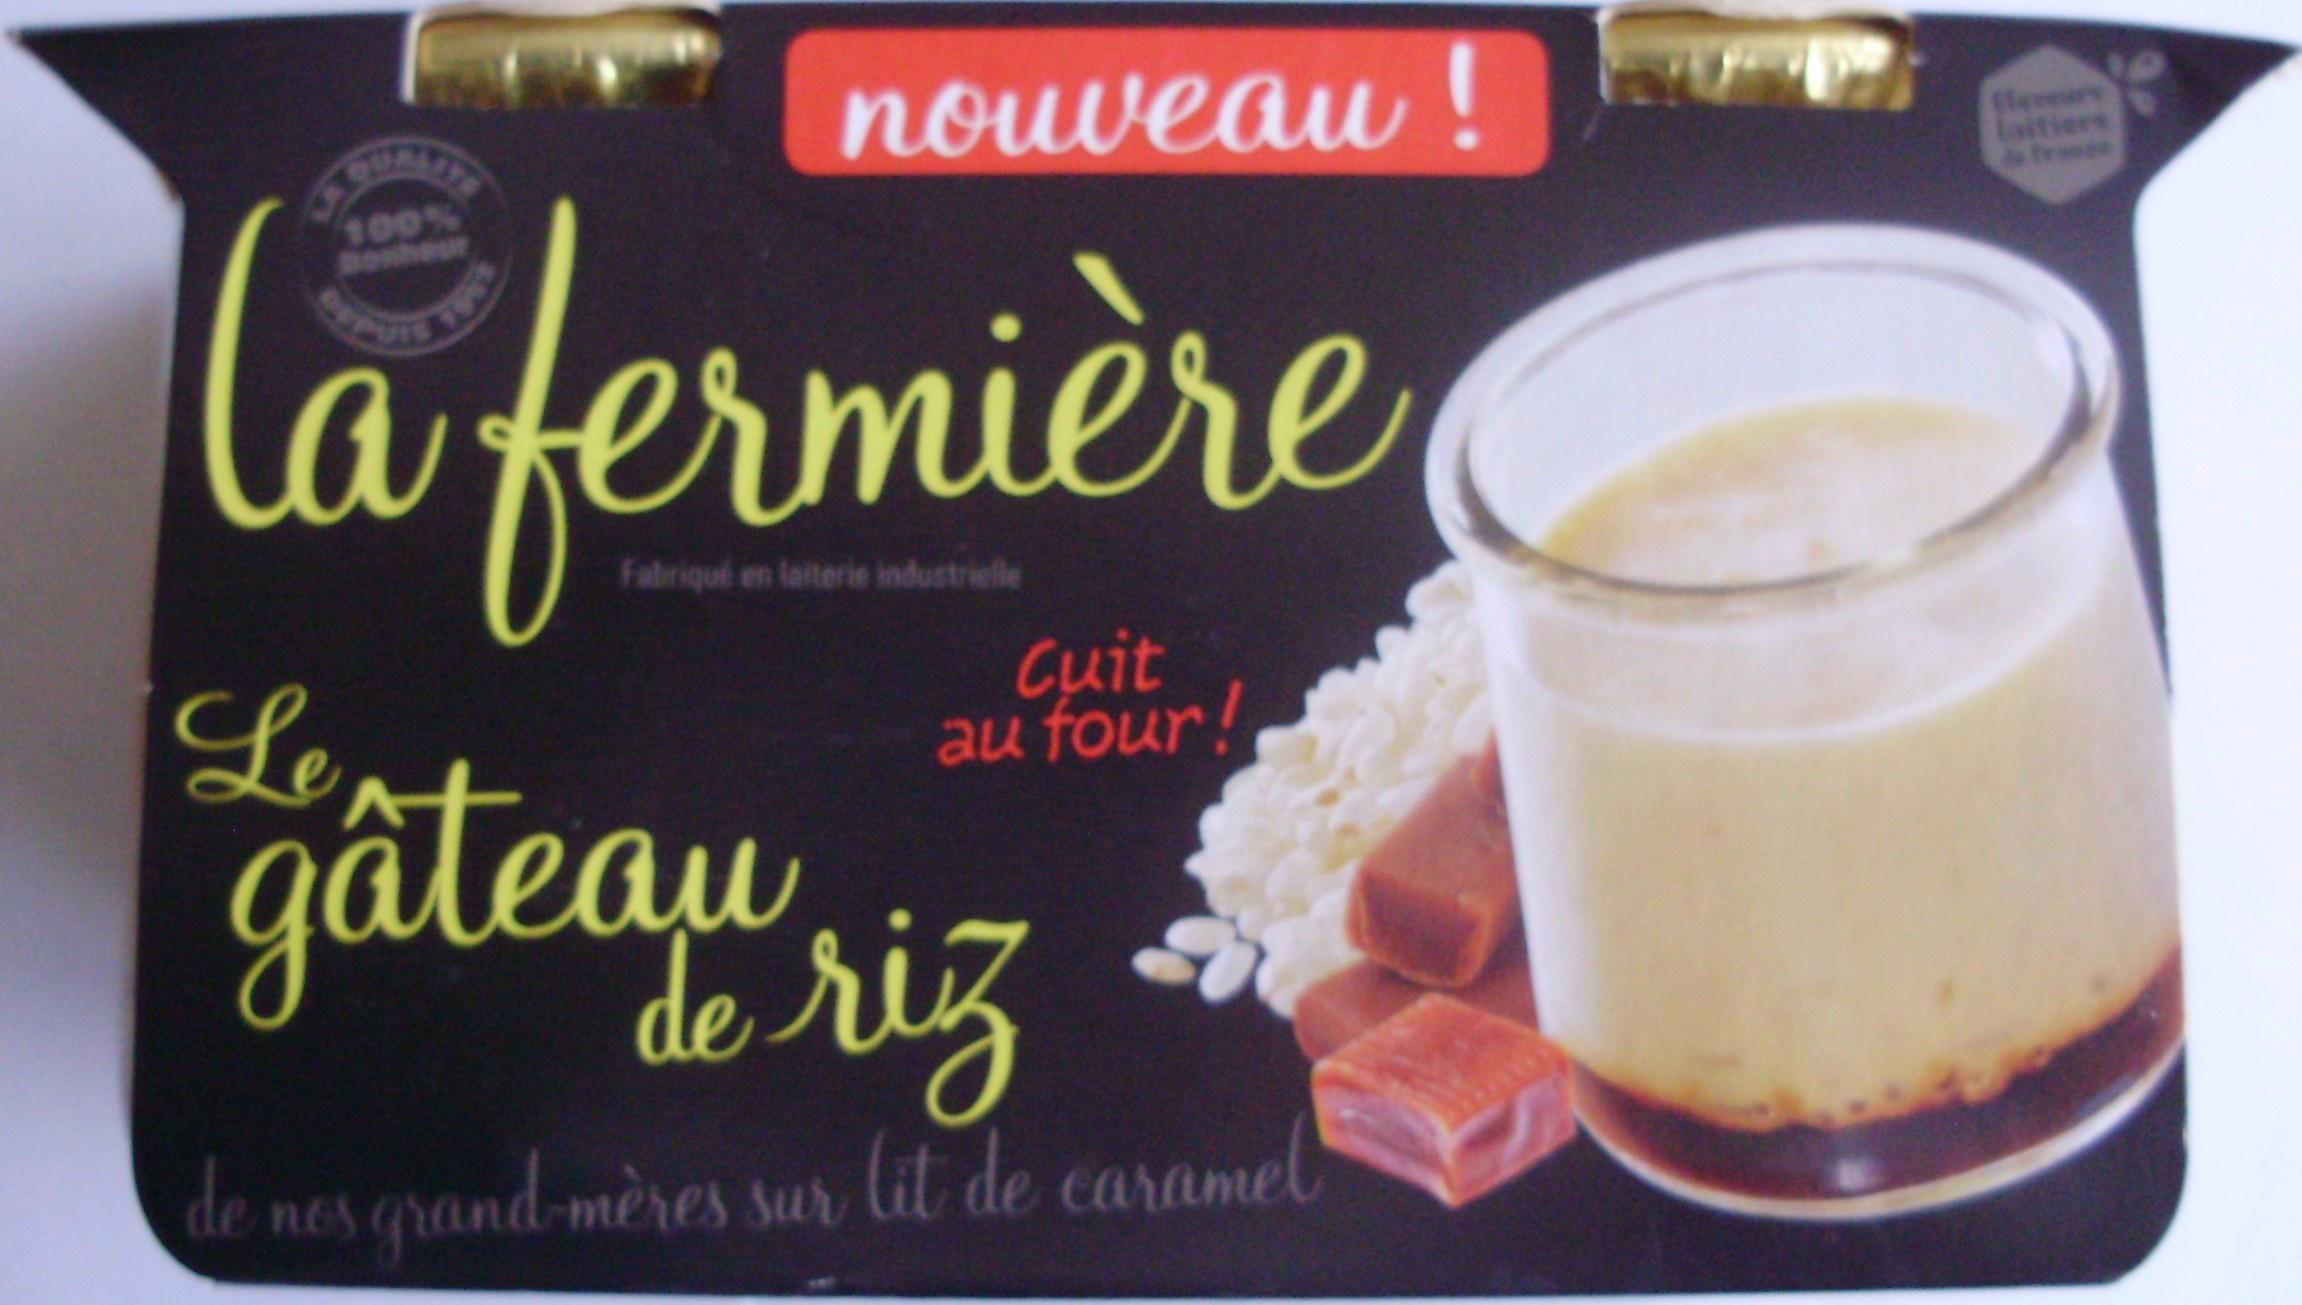 Le gâteau de riz - Produit - fr